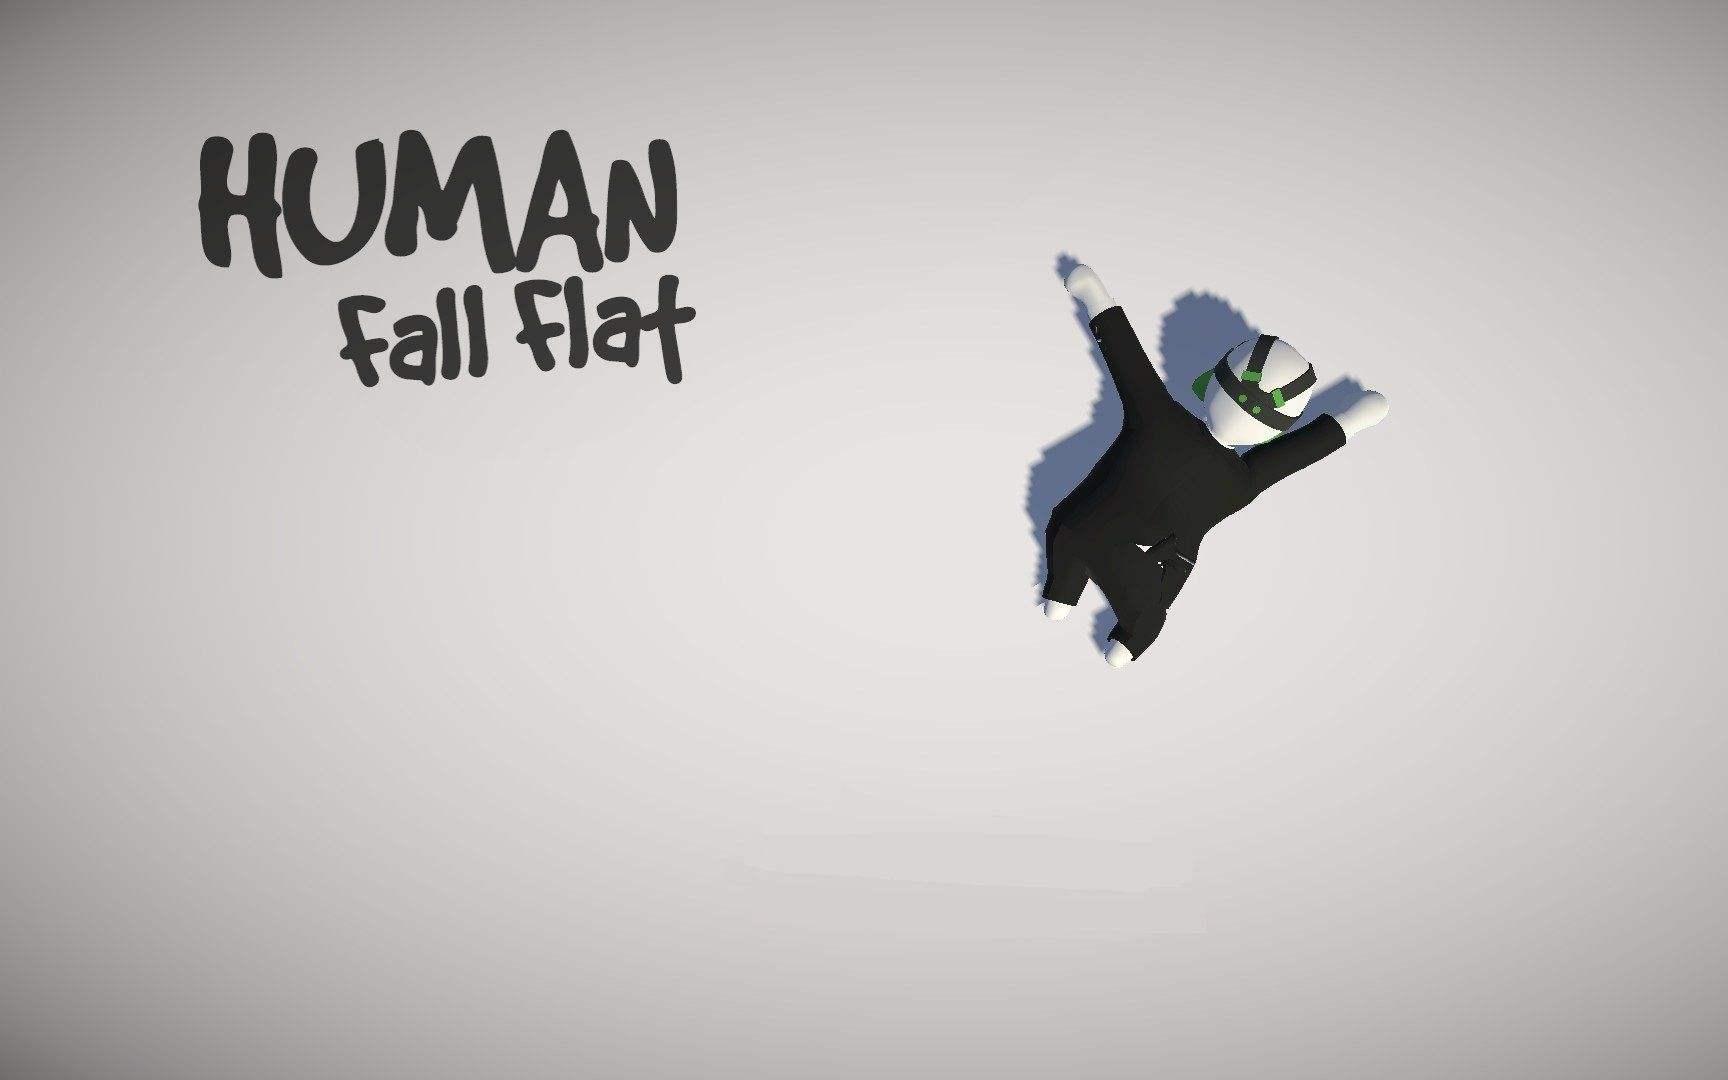 《人類:一敗塗地》手機遊戲正式宣佈要在中國發行了